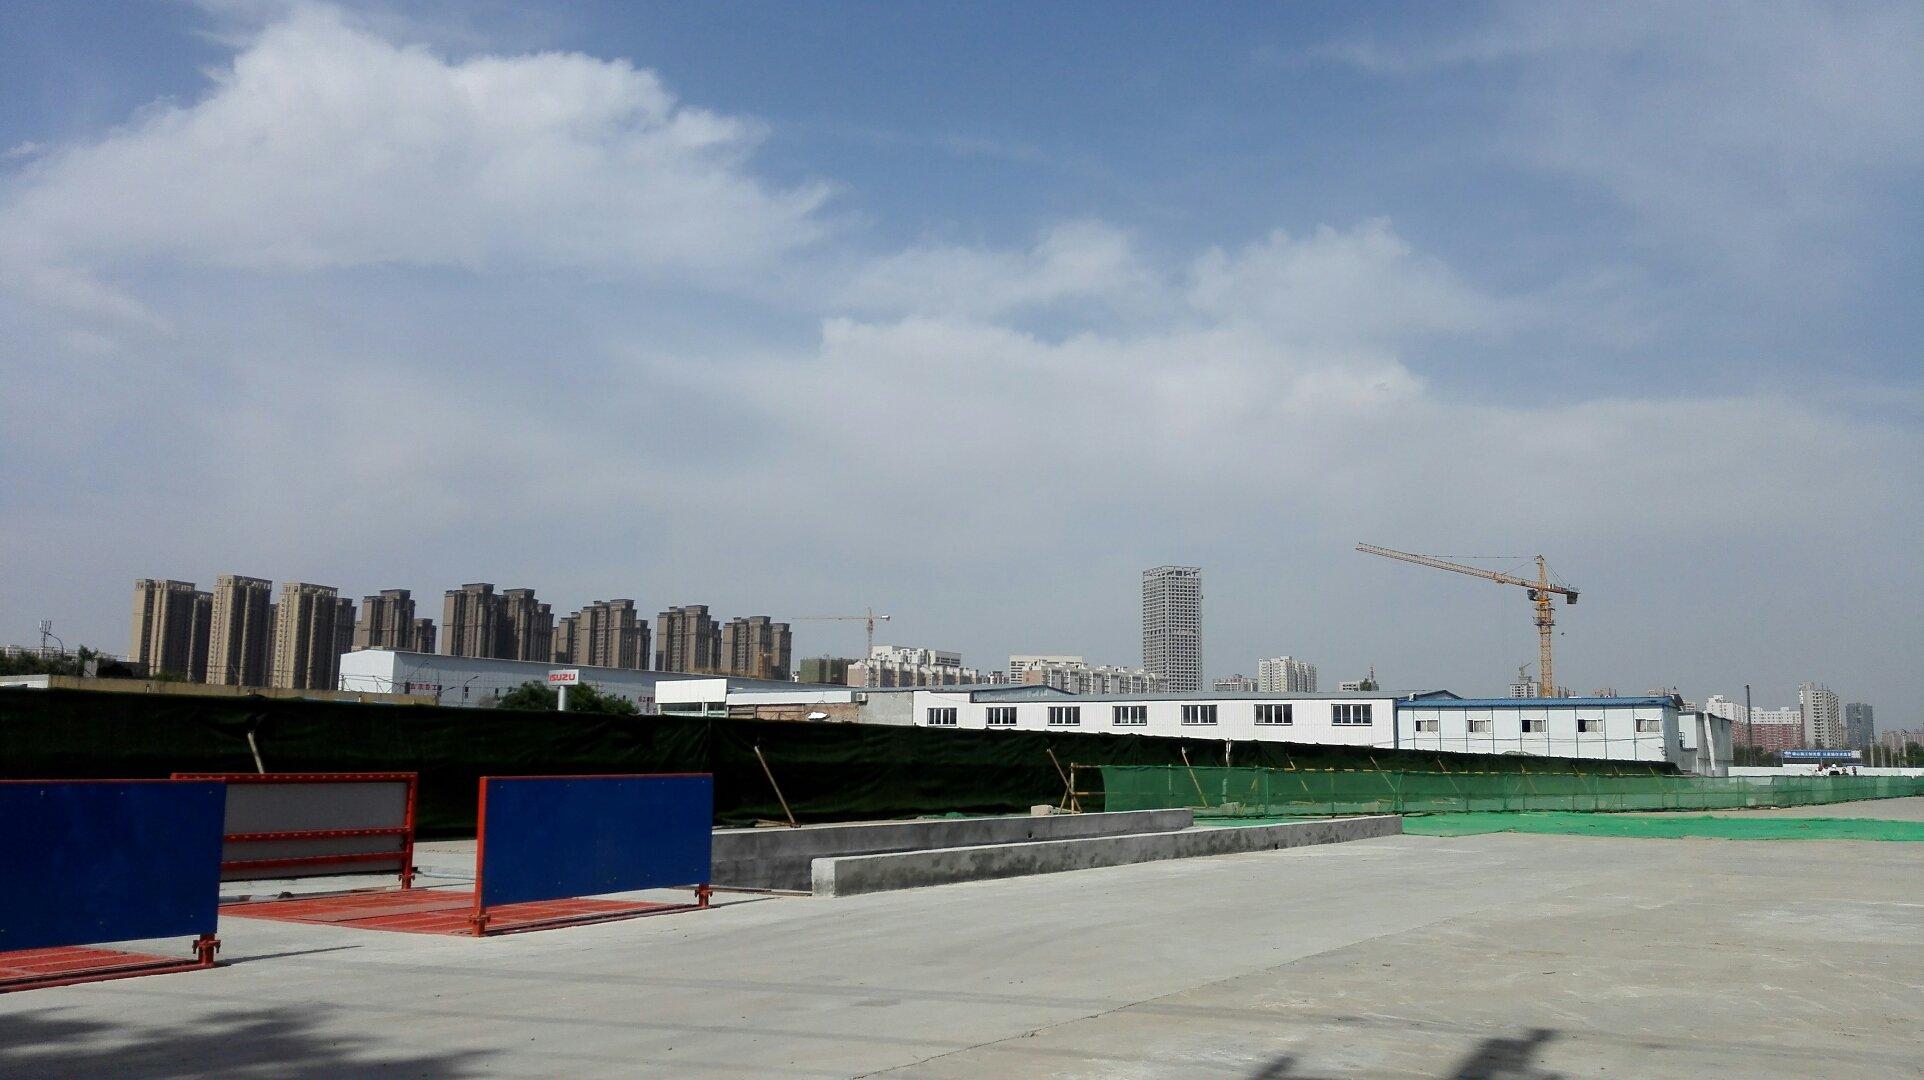 陕西省西安市未央区西安高中引领许昌天越靠近机械设备八路天气天台井源图片